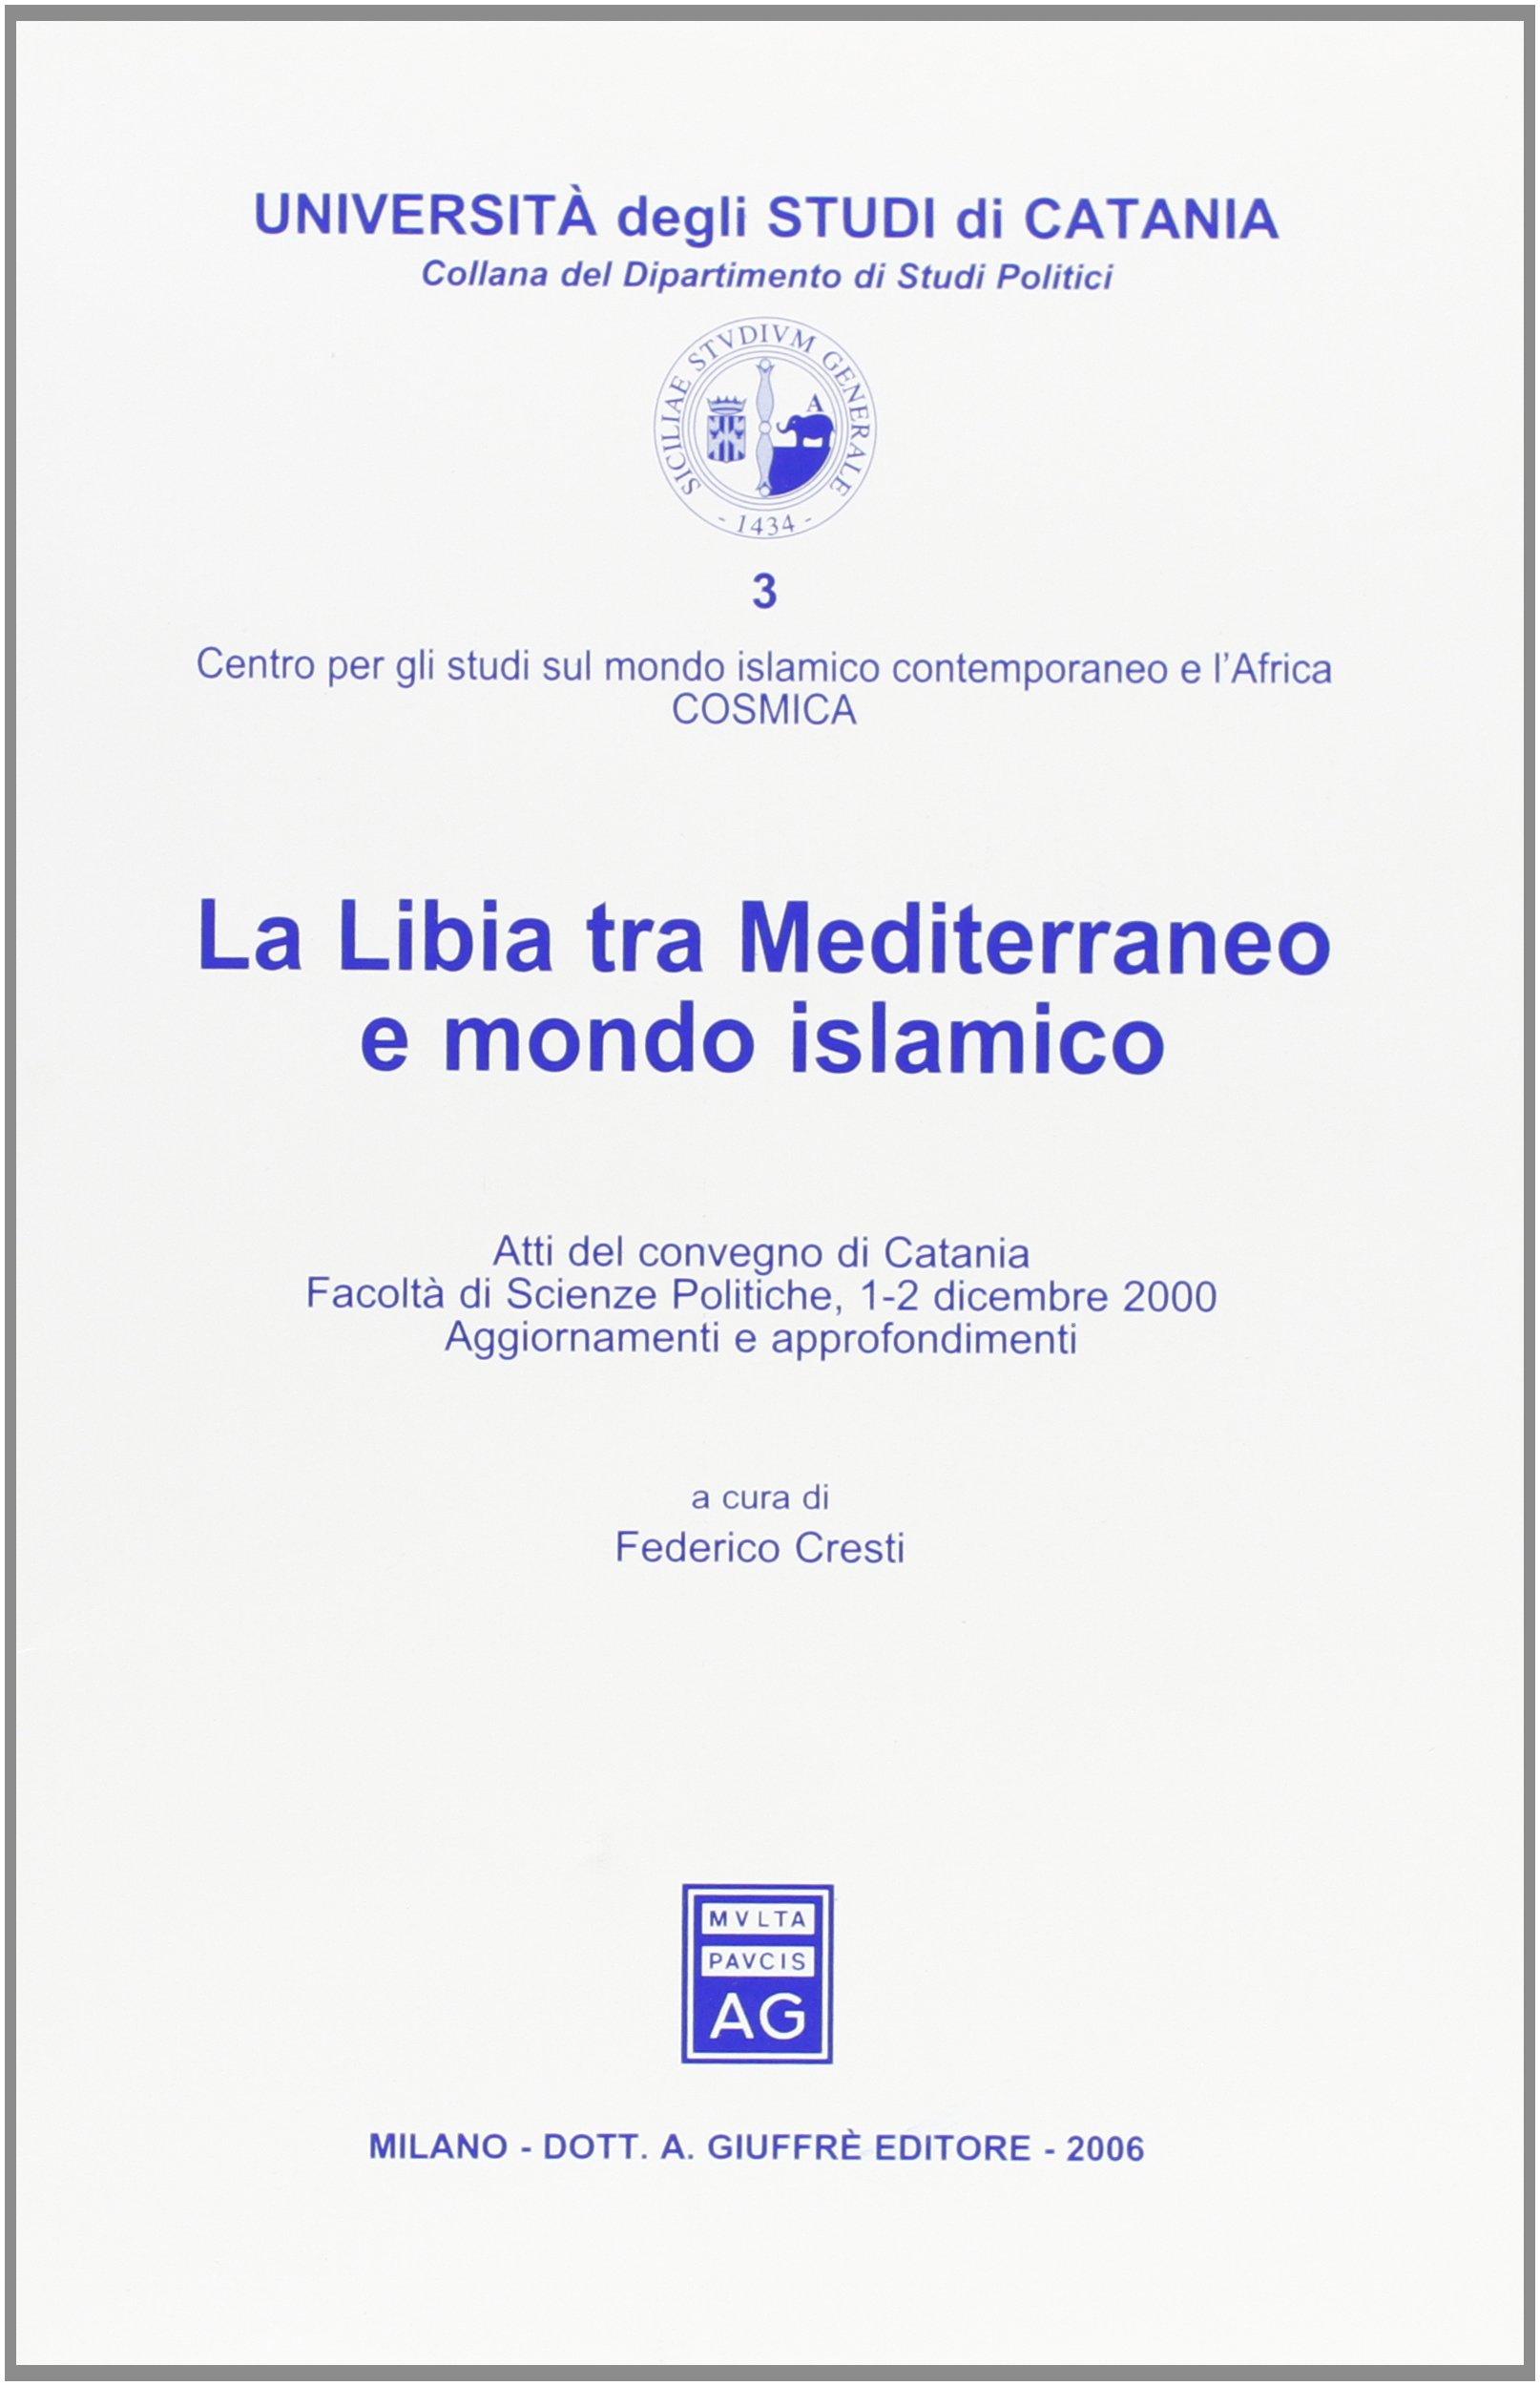 La Libia tra Mediterraneo e mondo islamico. Atti del Convegno (Catania, 1-2 dicembre 2000) (Univ.Catania-Dip. di studi politici)